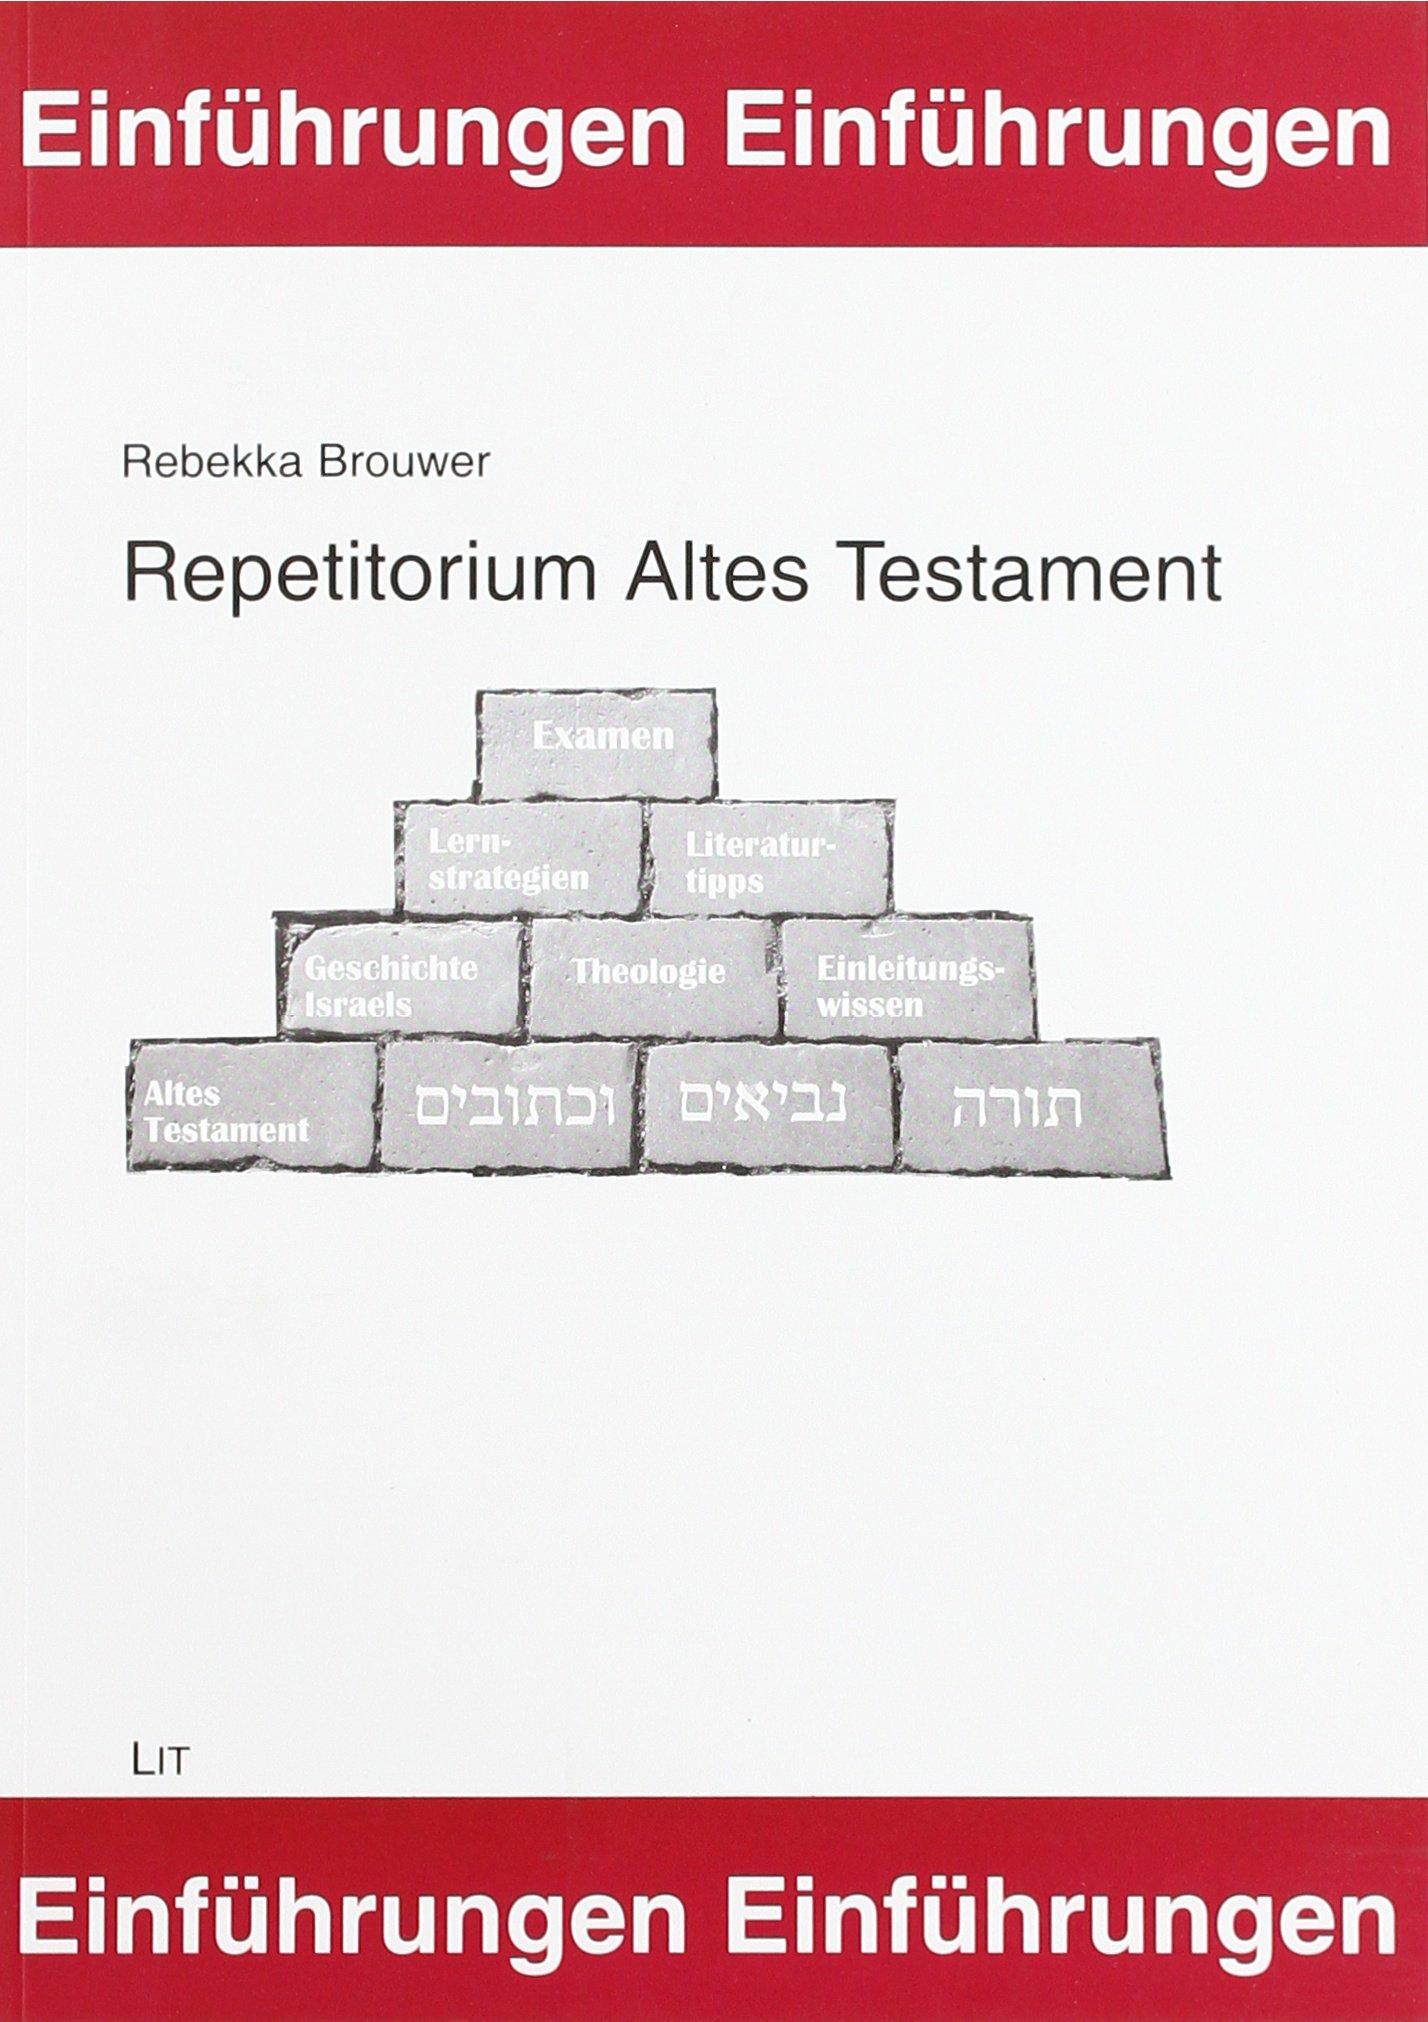 Repetitorium Altes Testament